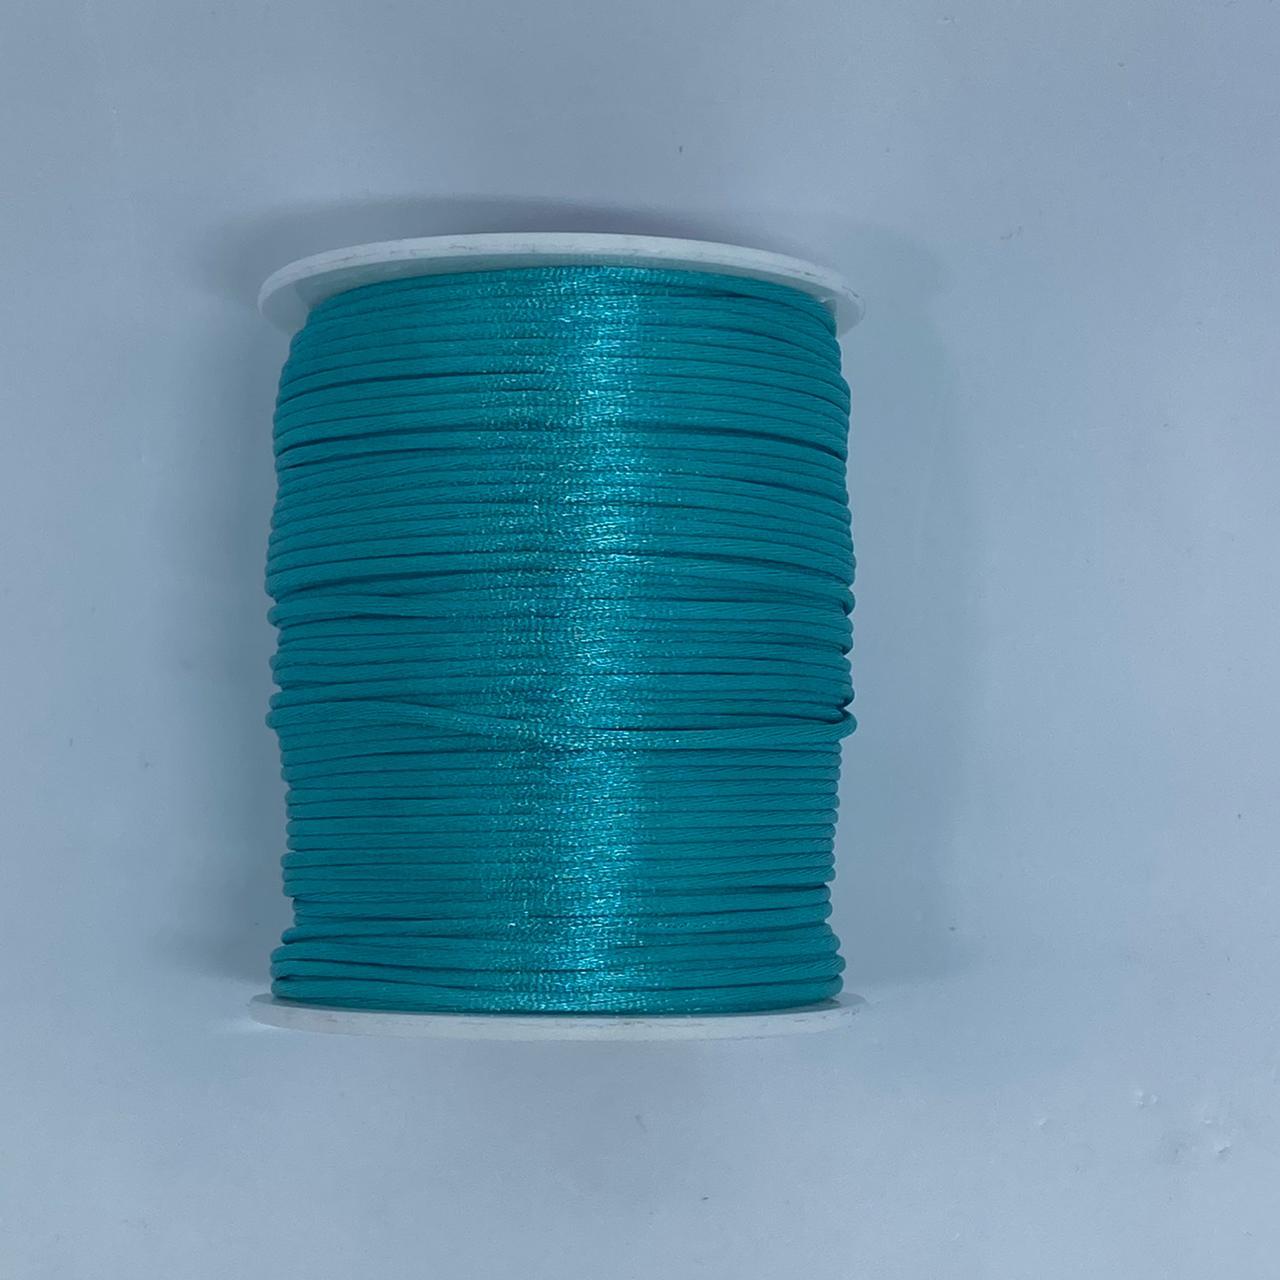 Fio de seda turquesa c/ 10 metros 1mm